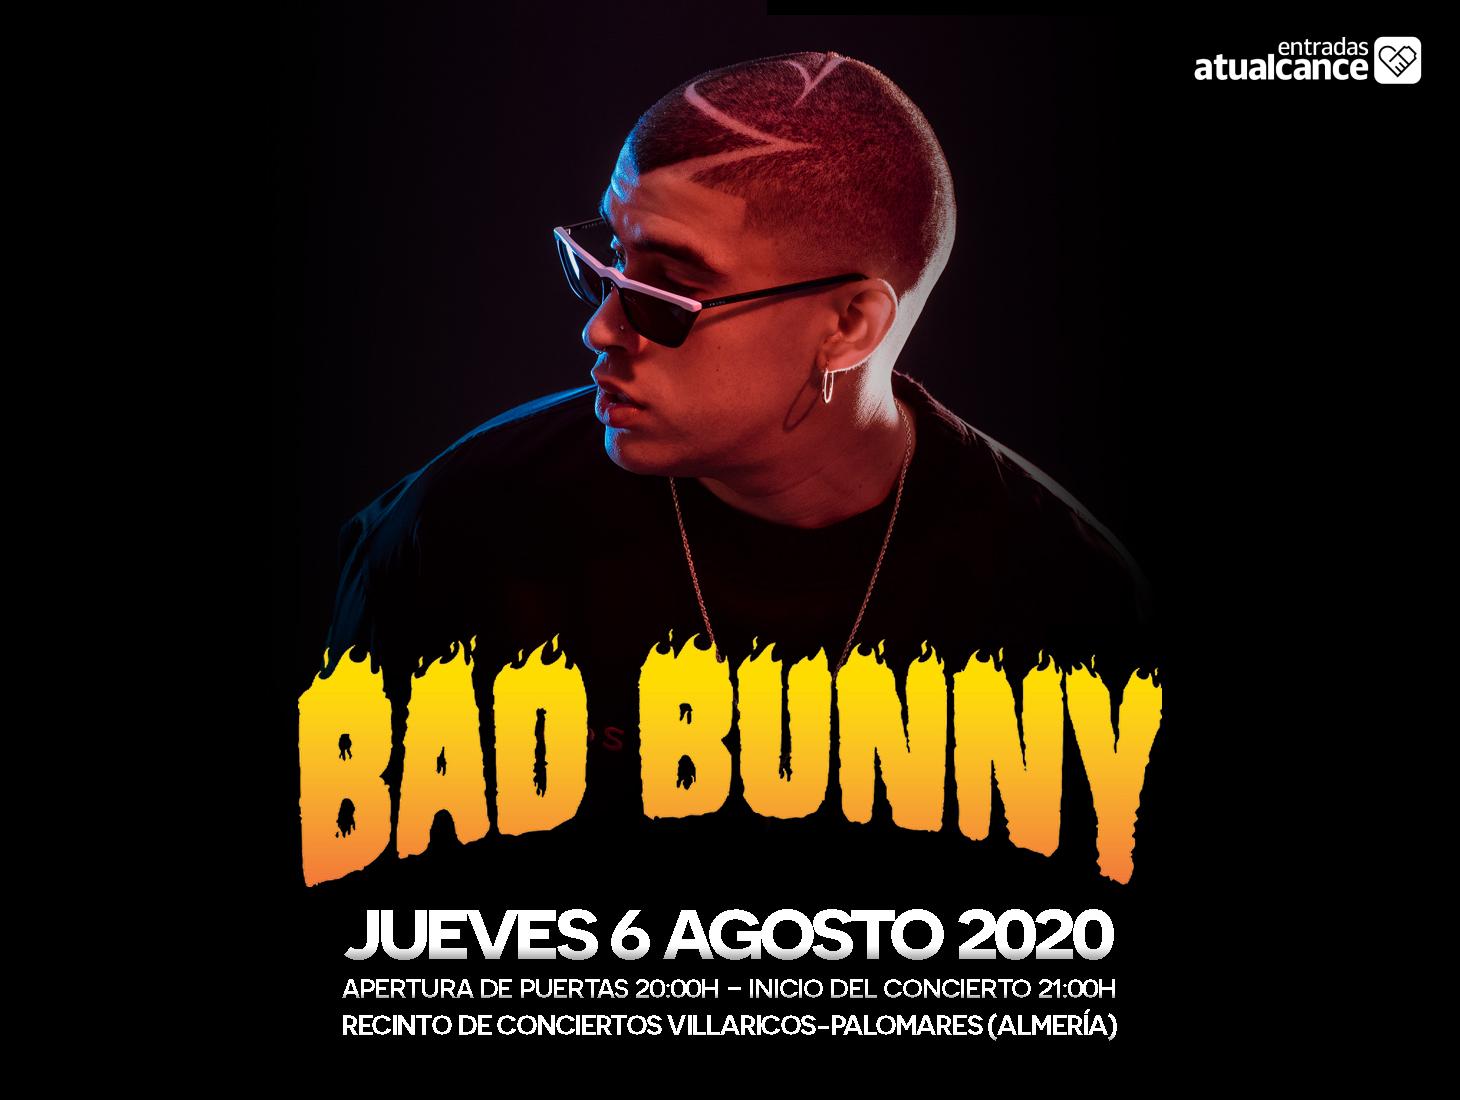 bad-bunny-en-villaricos-palomares-5e316f61f3543.jpeg